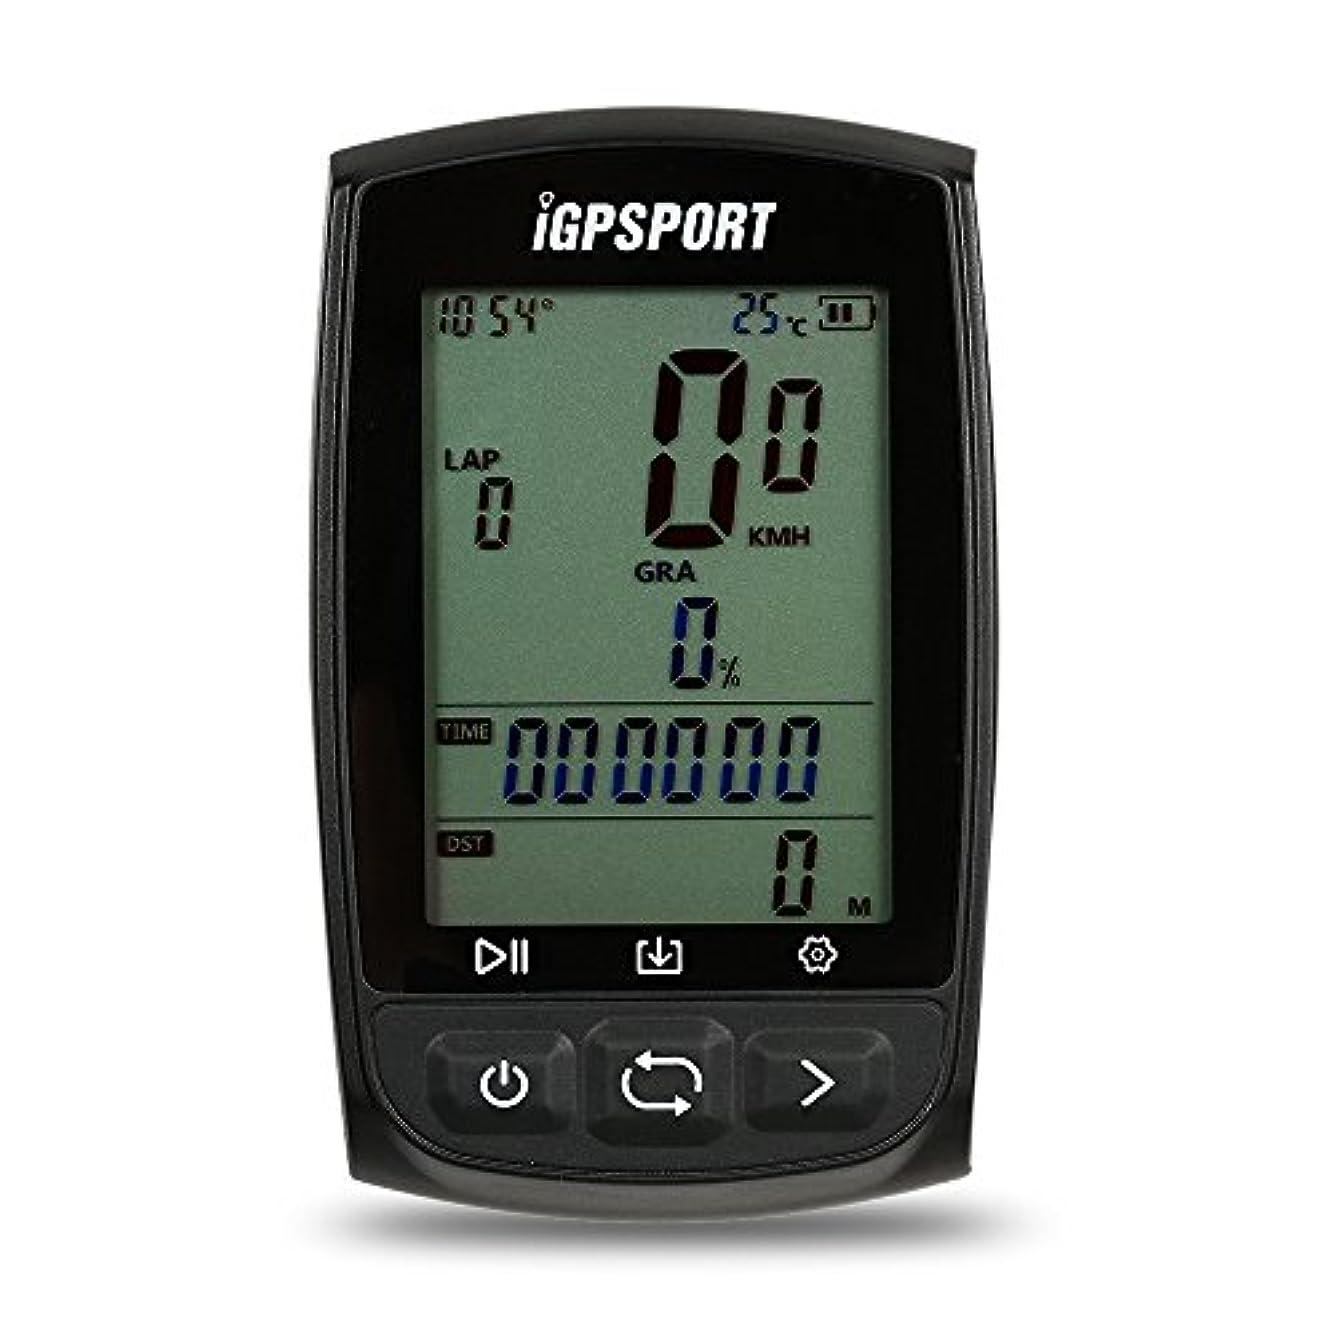 華氏切断する暗唱するDocooler iGPSPORT GPS サイクリングコンピュータ 自転車走行距離計 充電式 IPX7防水 アンチグレアスクリーン 自転車 サイクリング サイクル用 マウント付き